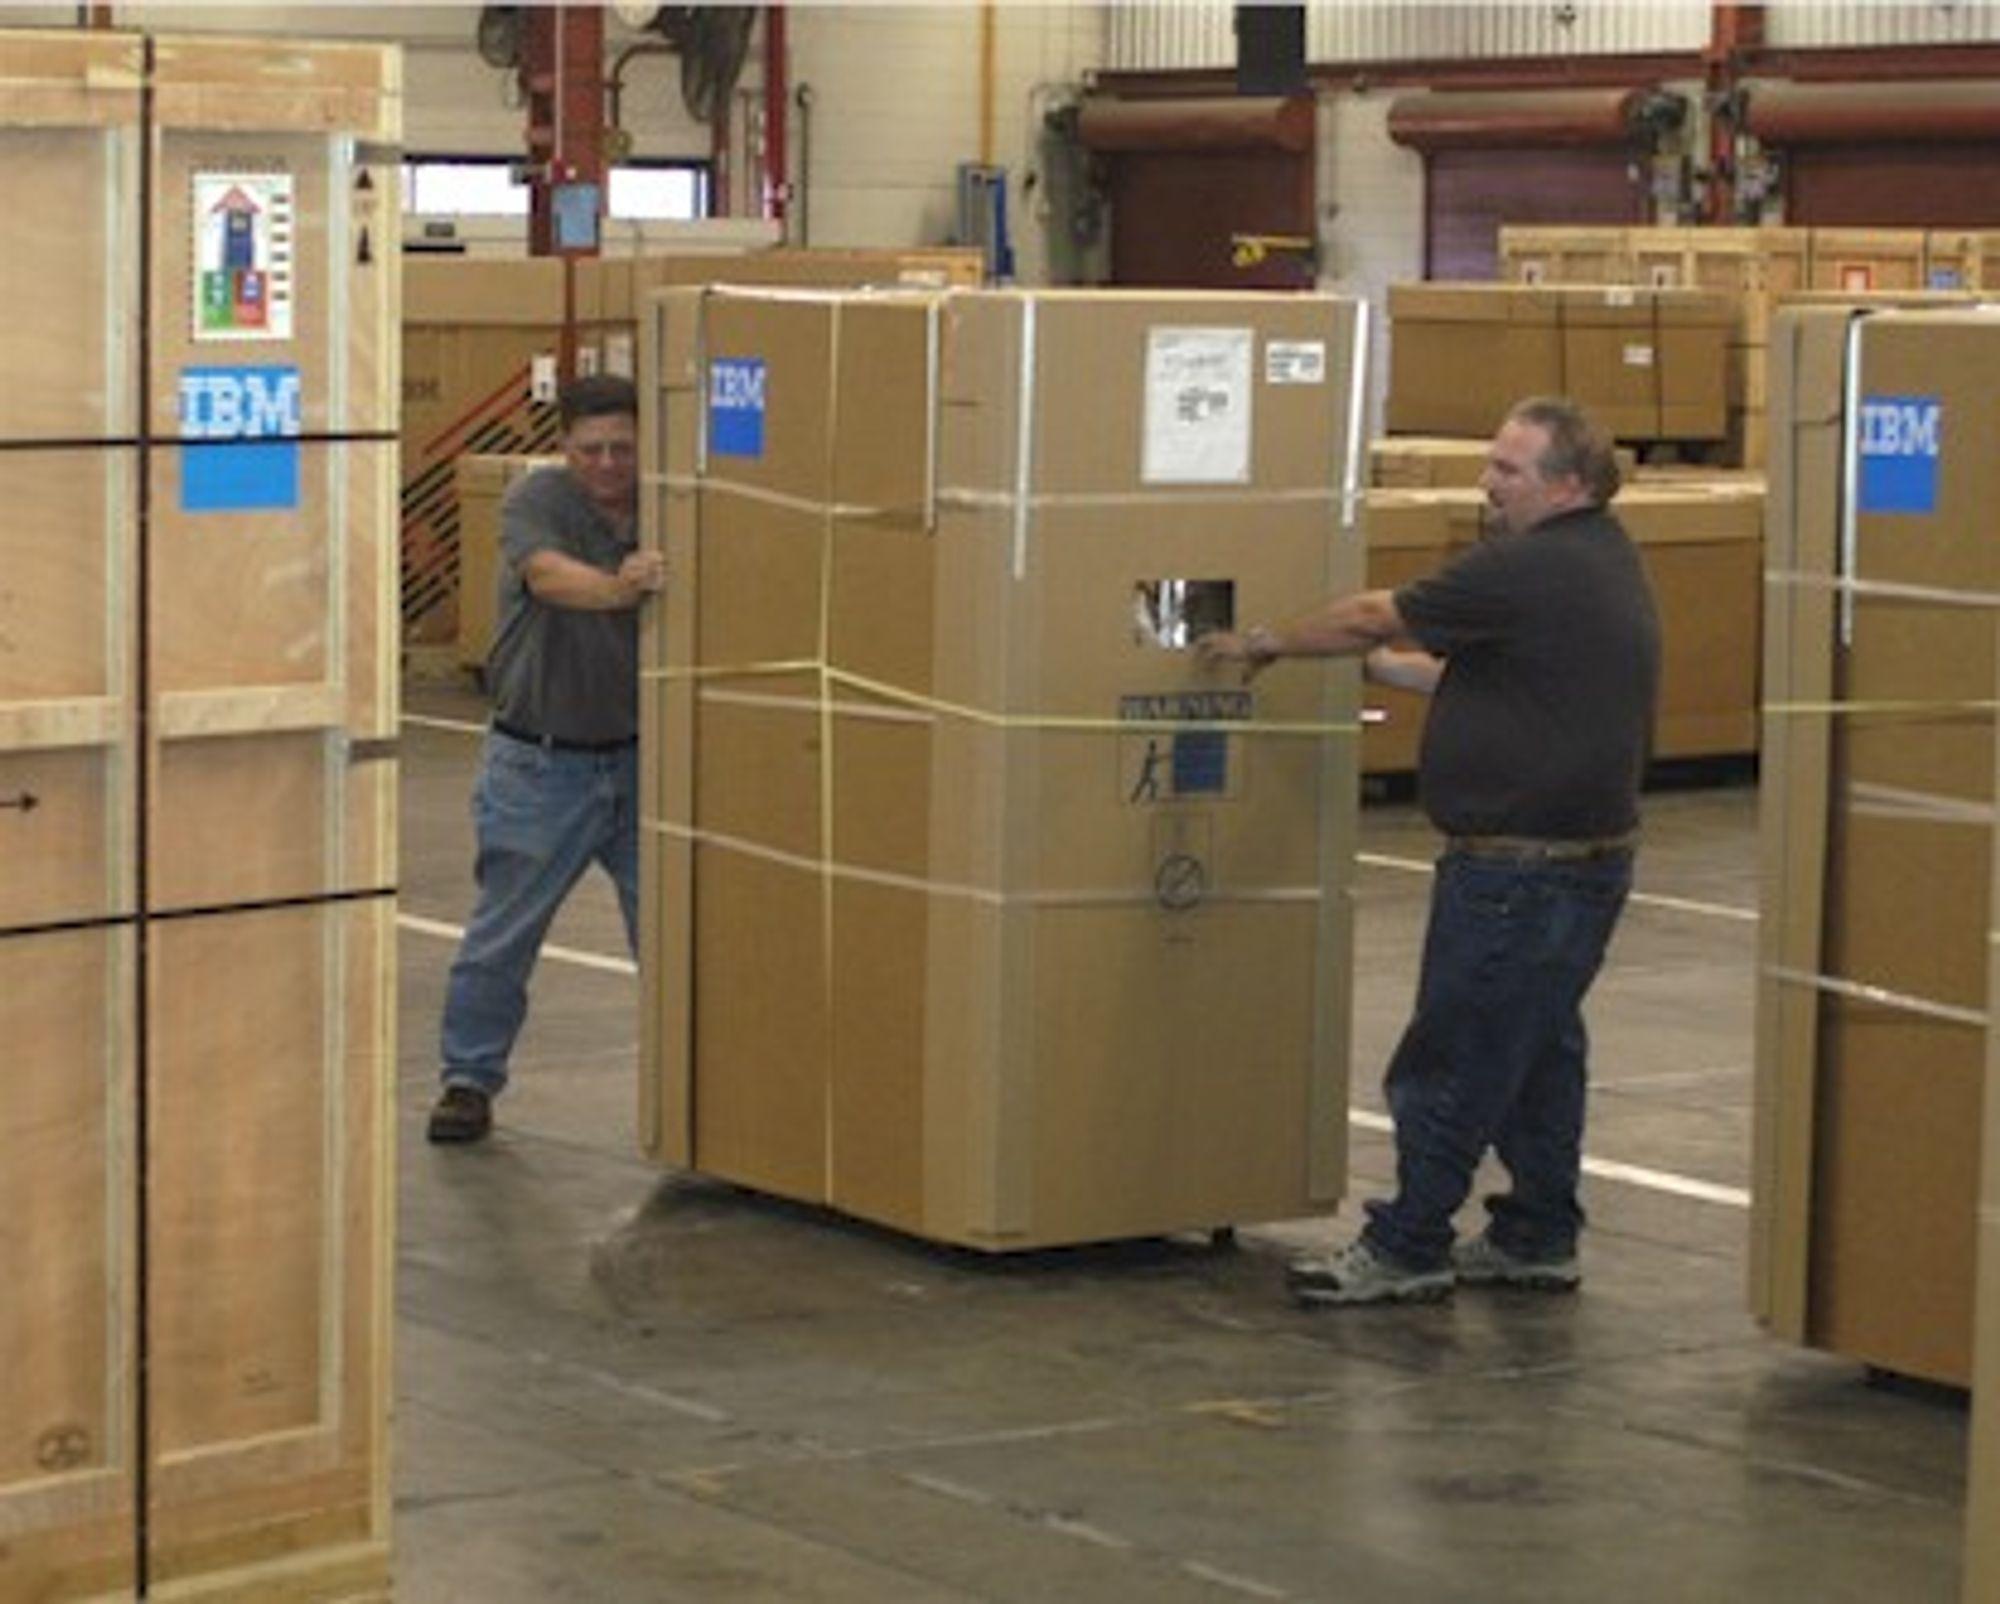 Standard IBM-innpakning?